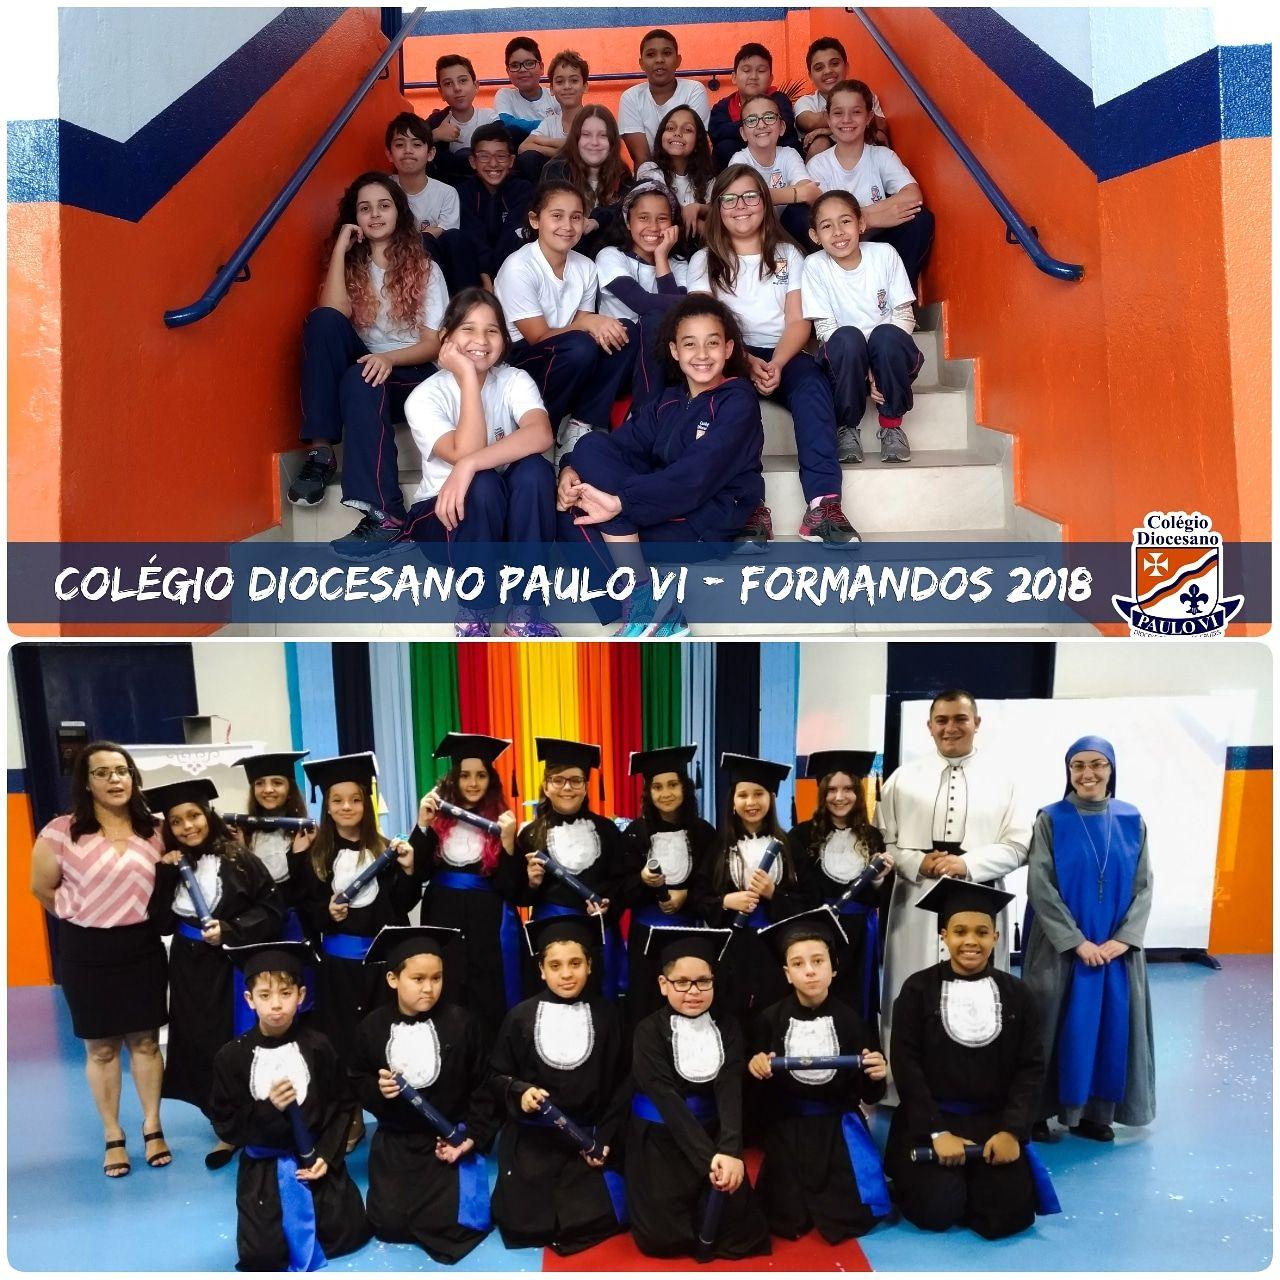 Formatura do 5º ano  do Colégio Diocesano Paulo VI - 2018